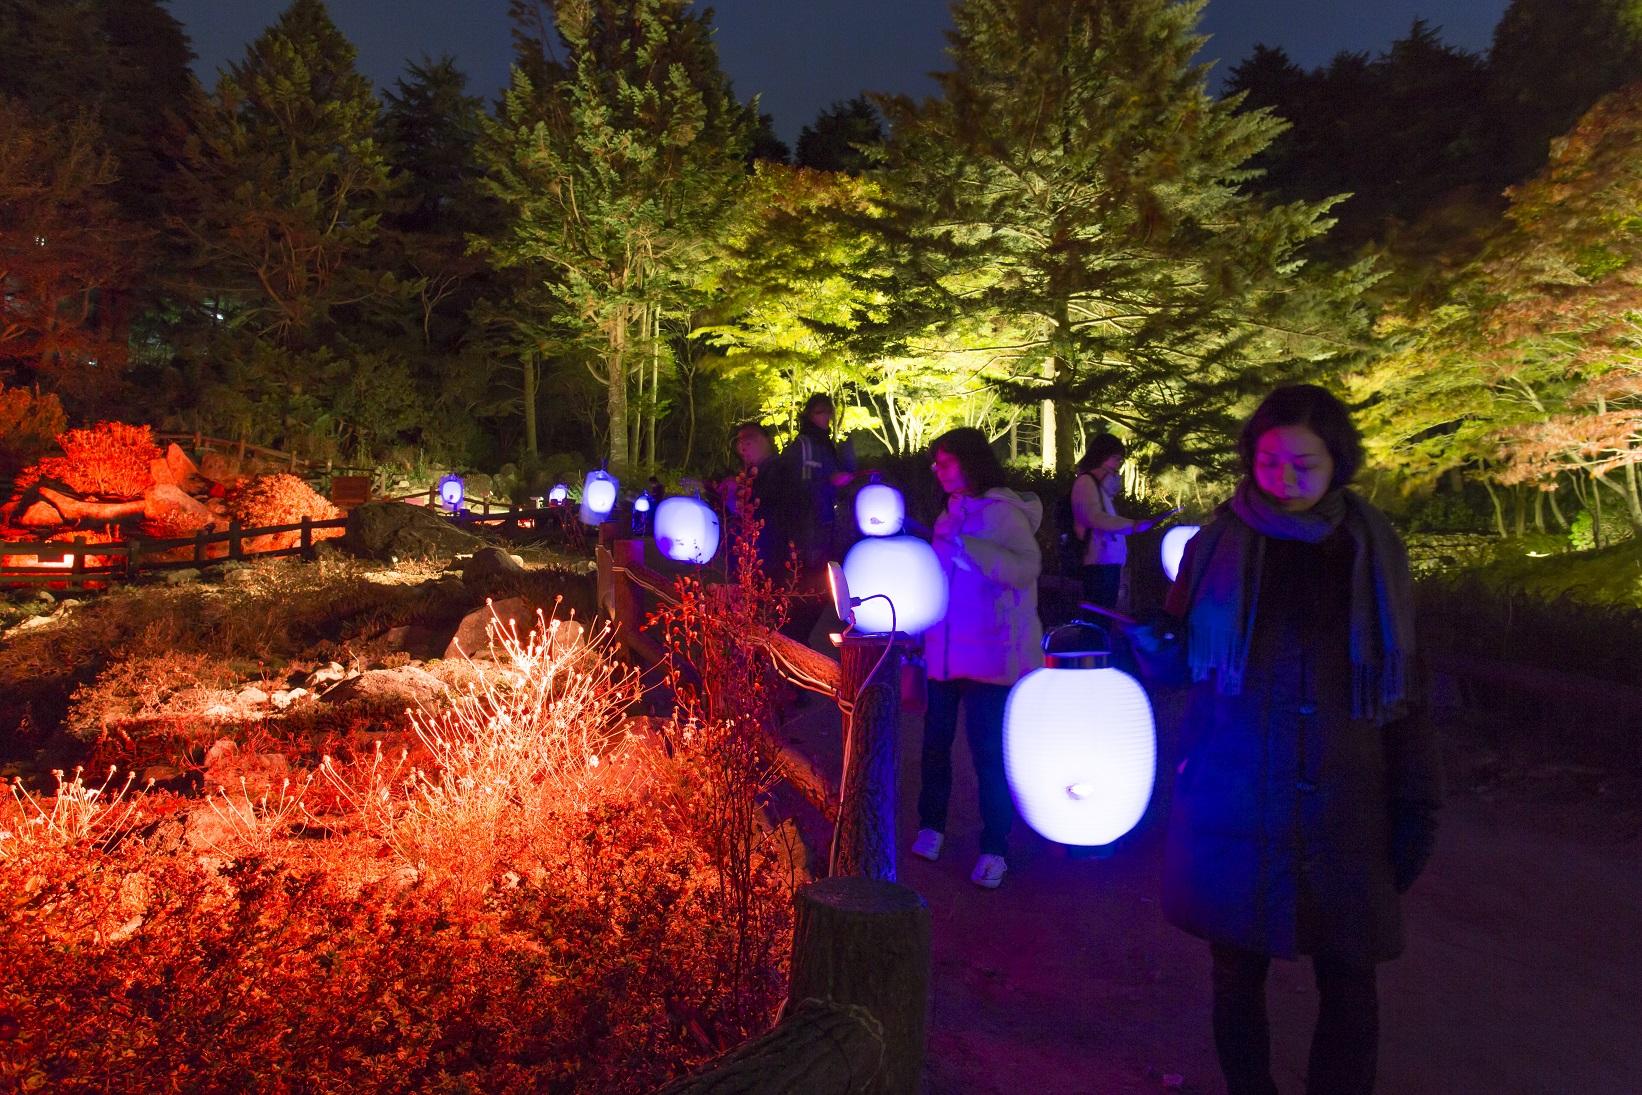 過去の開催風景 髙橋匡太「Glow with Night Garden project in ROKKO 提灯行列ランドスケープ」2016